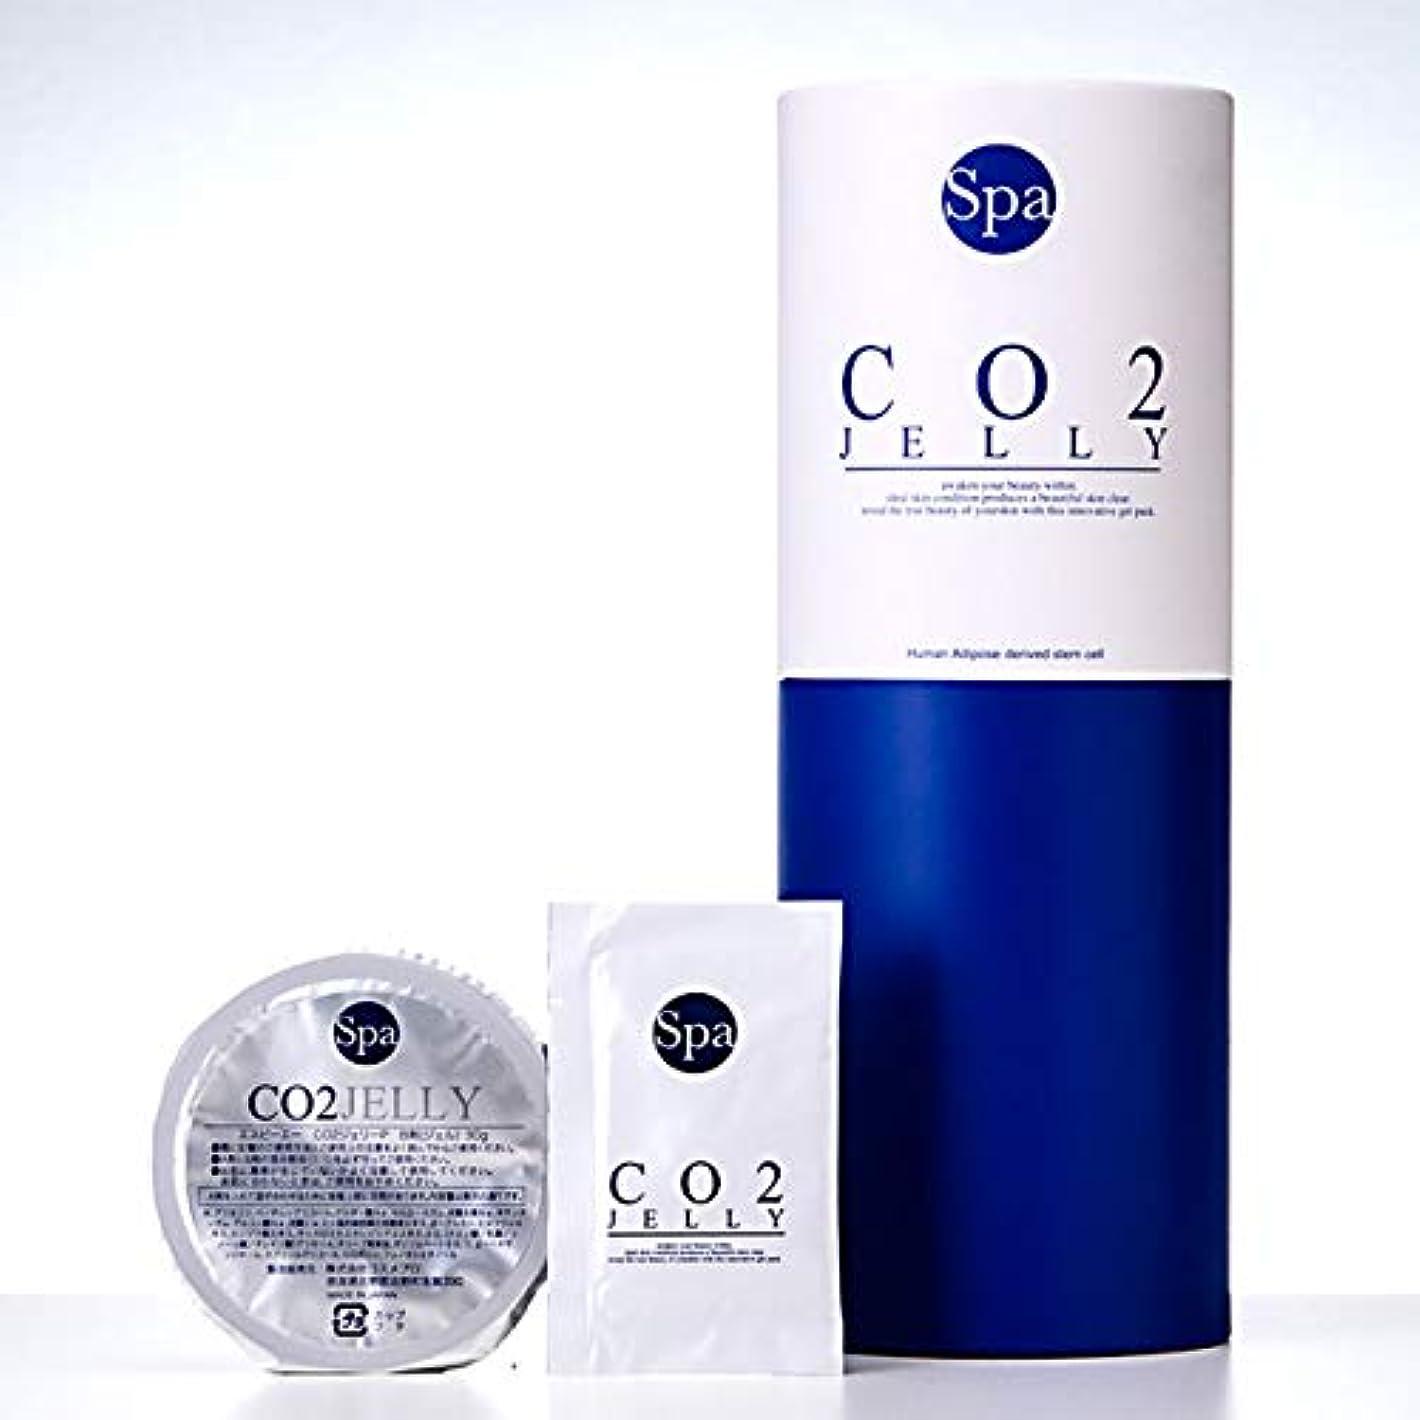 同情重要たっぷりSpa(エスピーエー)CO2 JELLY ジェリー (5回分)日本製 炭酸パック ジェル